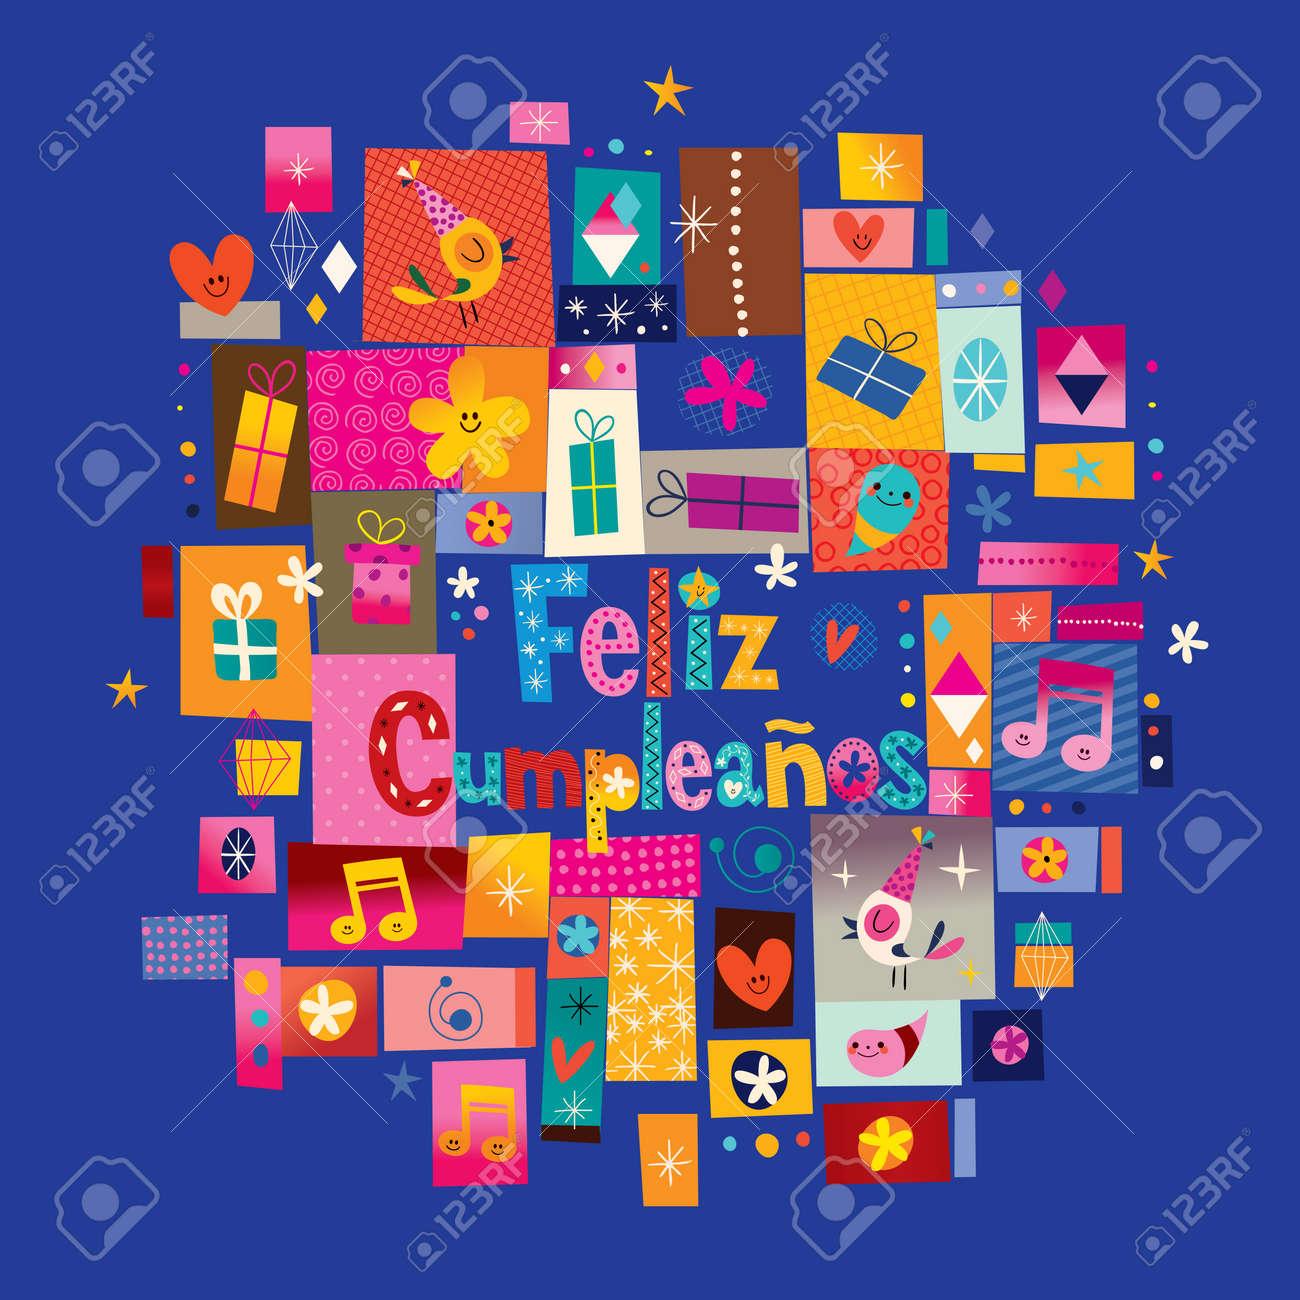 Feliz Cumpleanos Alles Gute Zum Geburtstag Auf Spanisch Grusskarte